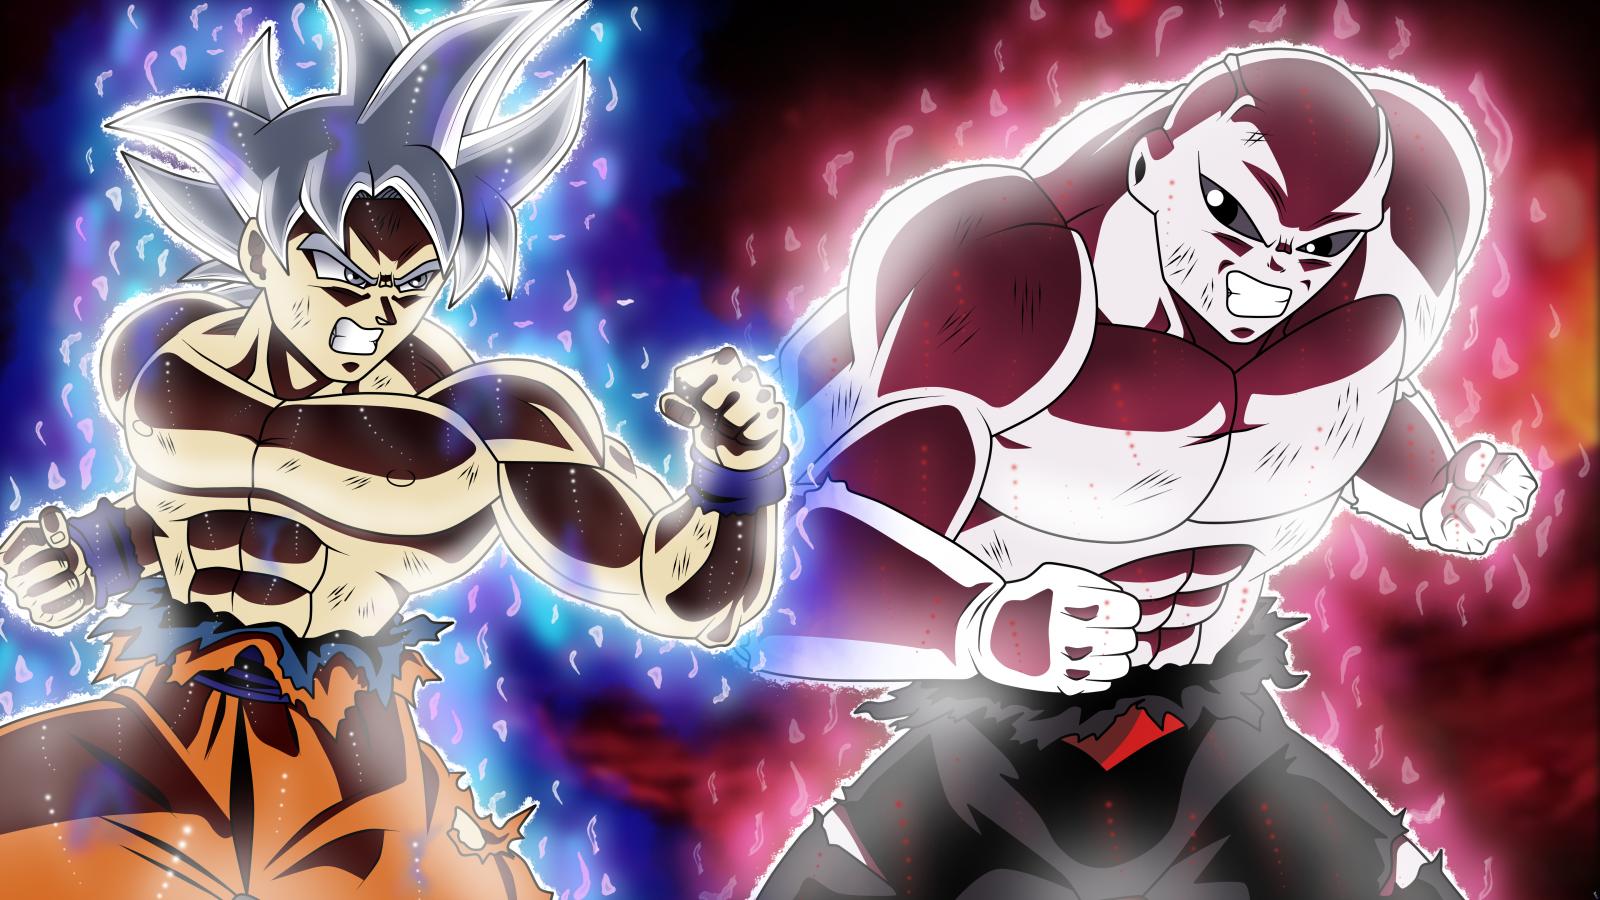 Wallpaper son goku dragon ball super ultra instict - Goku ultra instinct mastered wallpaper ...